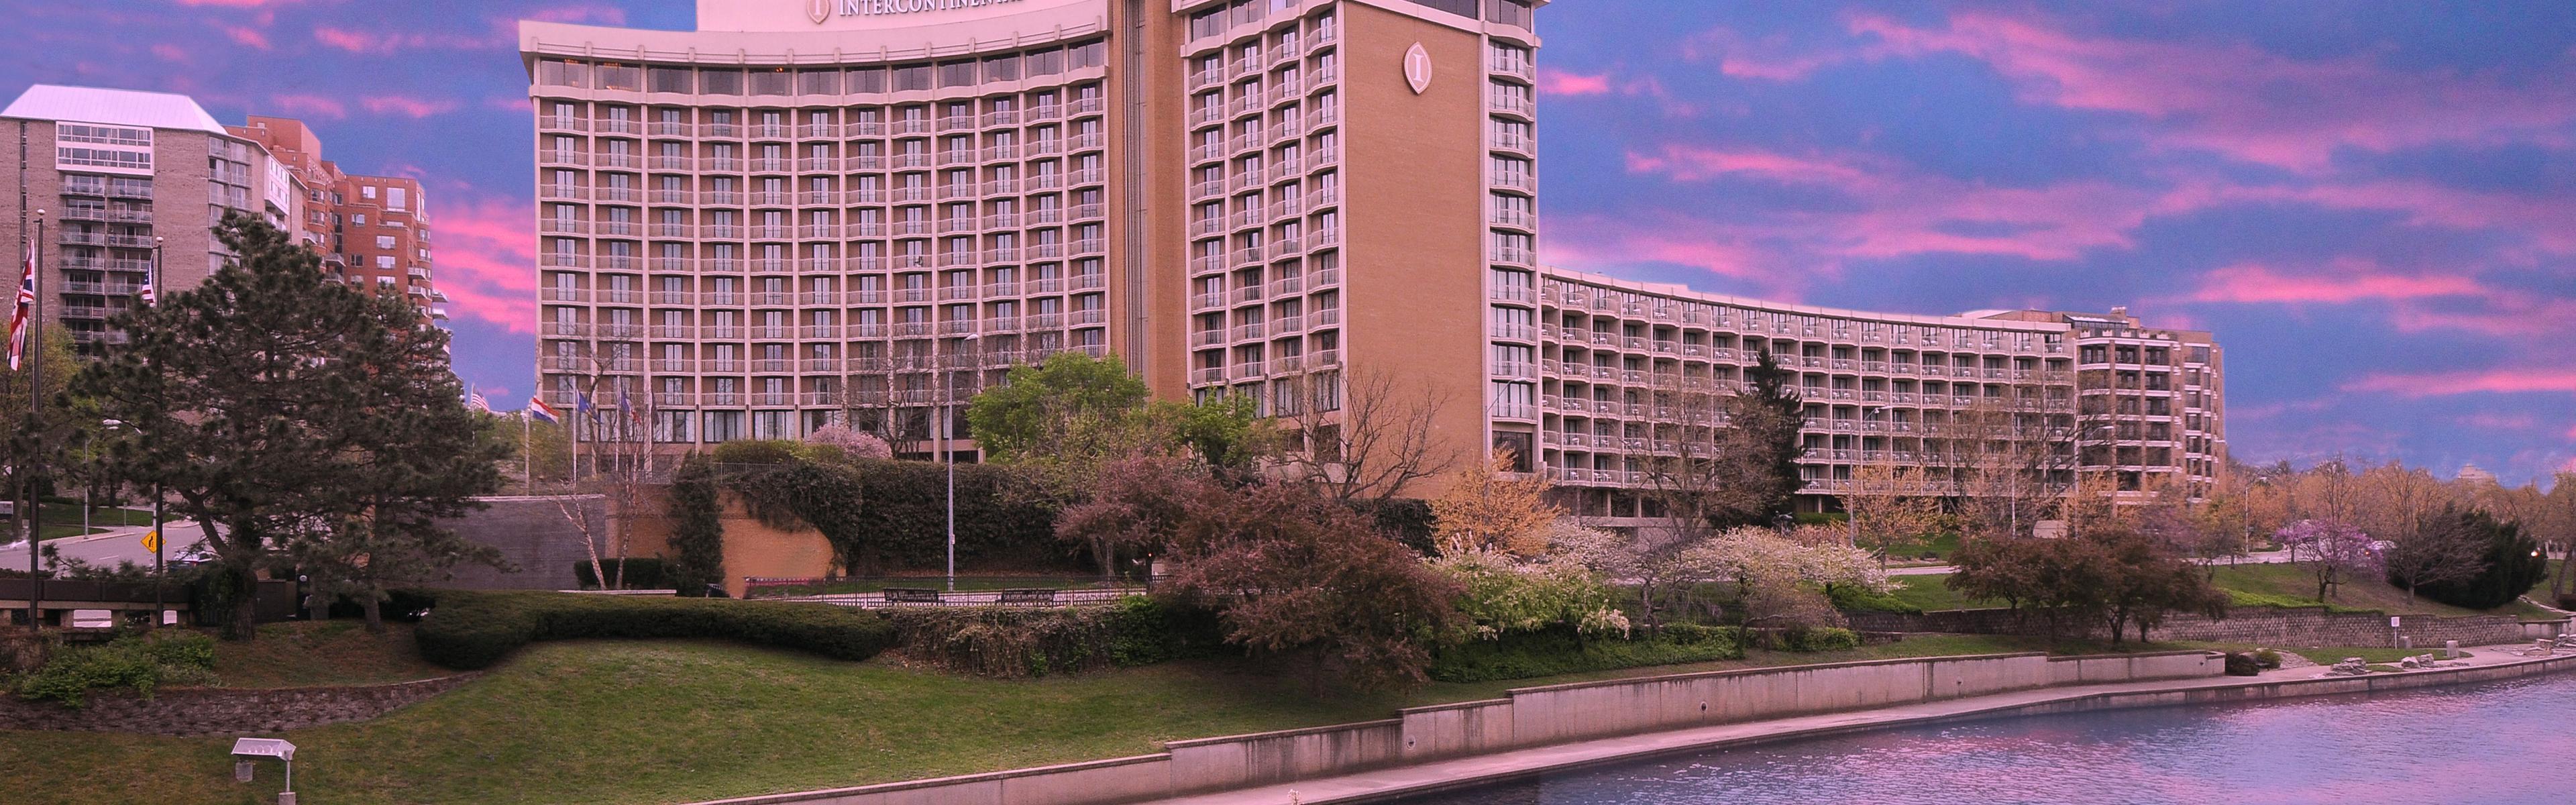 InterContinental Kansas City At The Plaza image 0